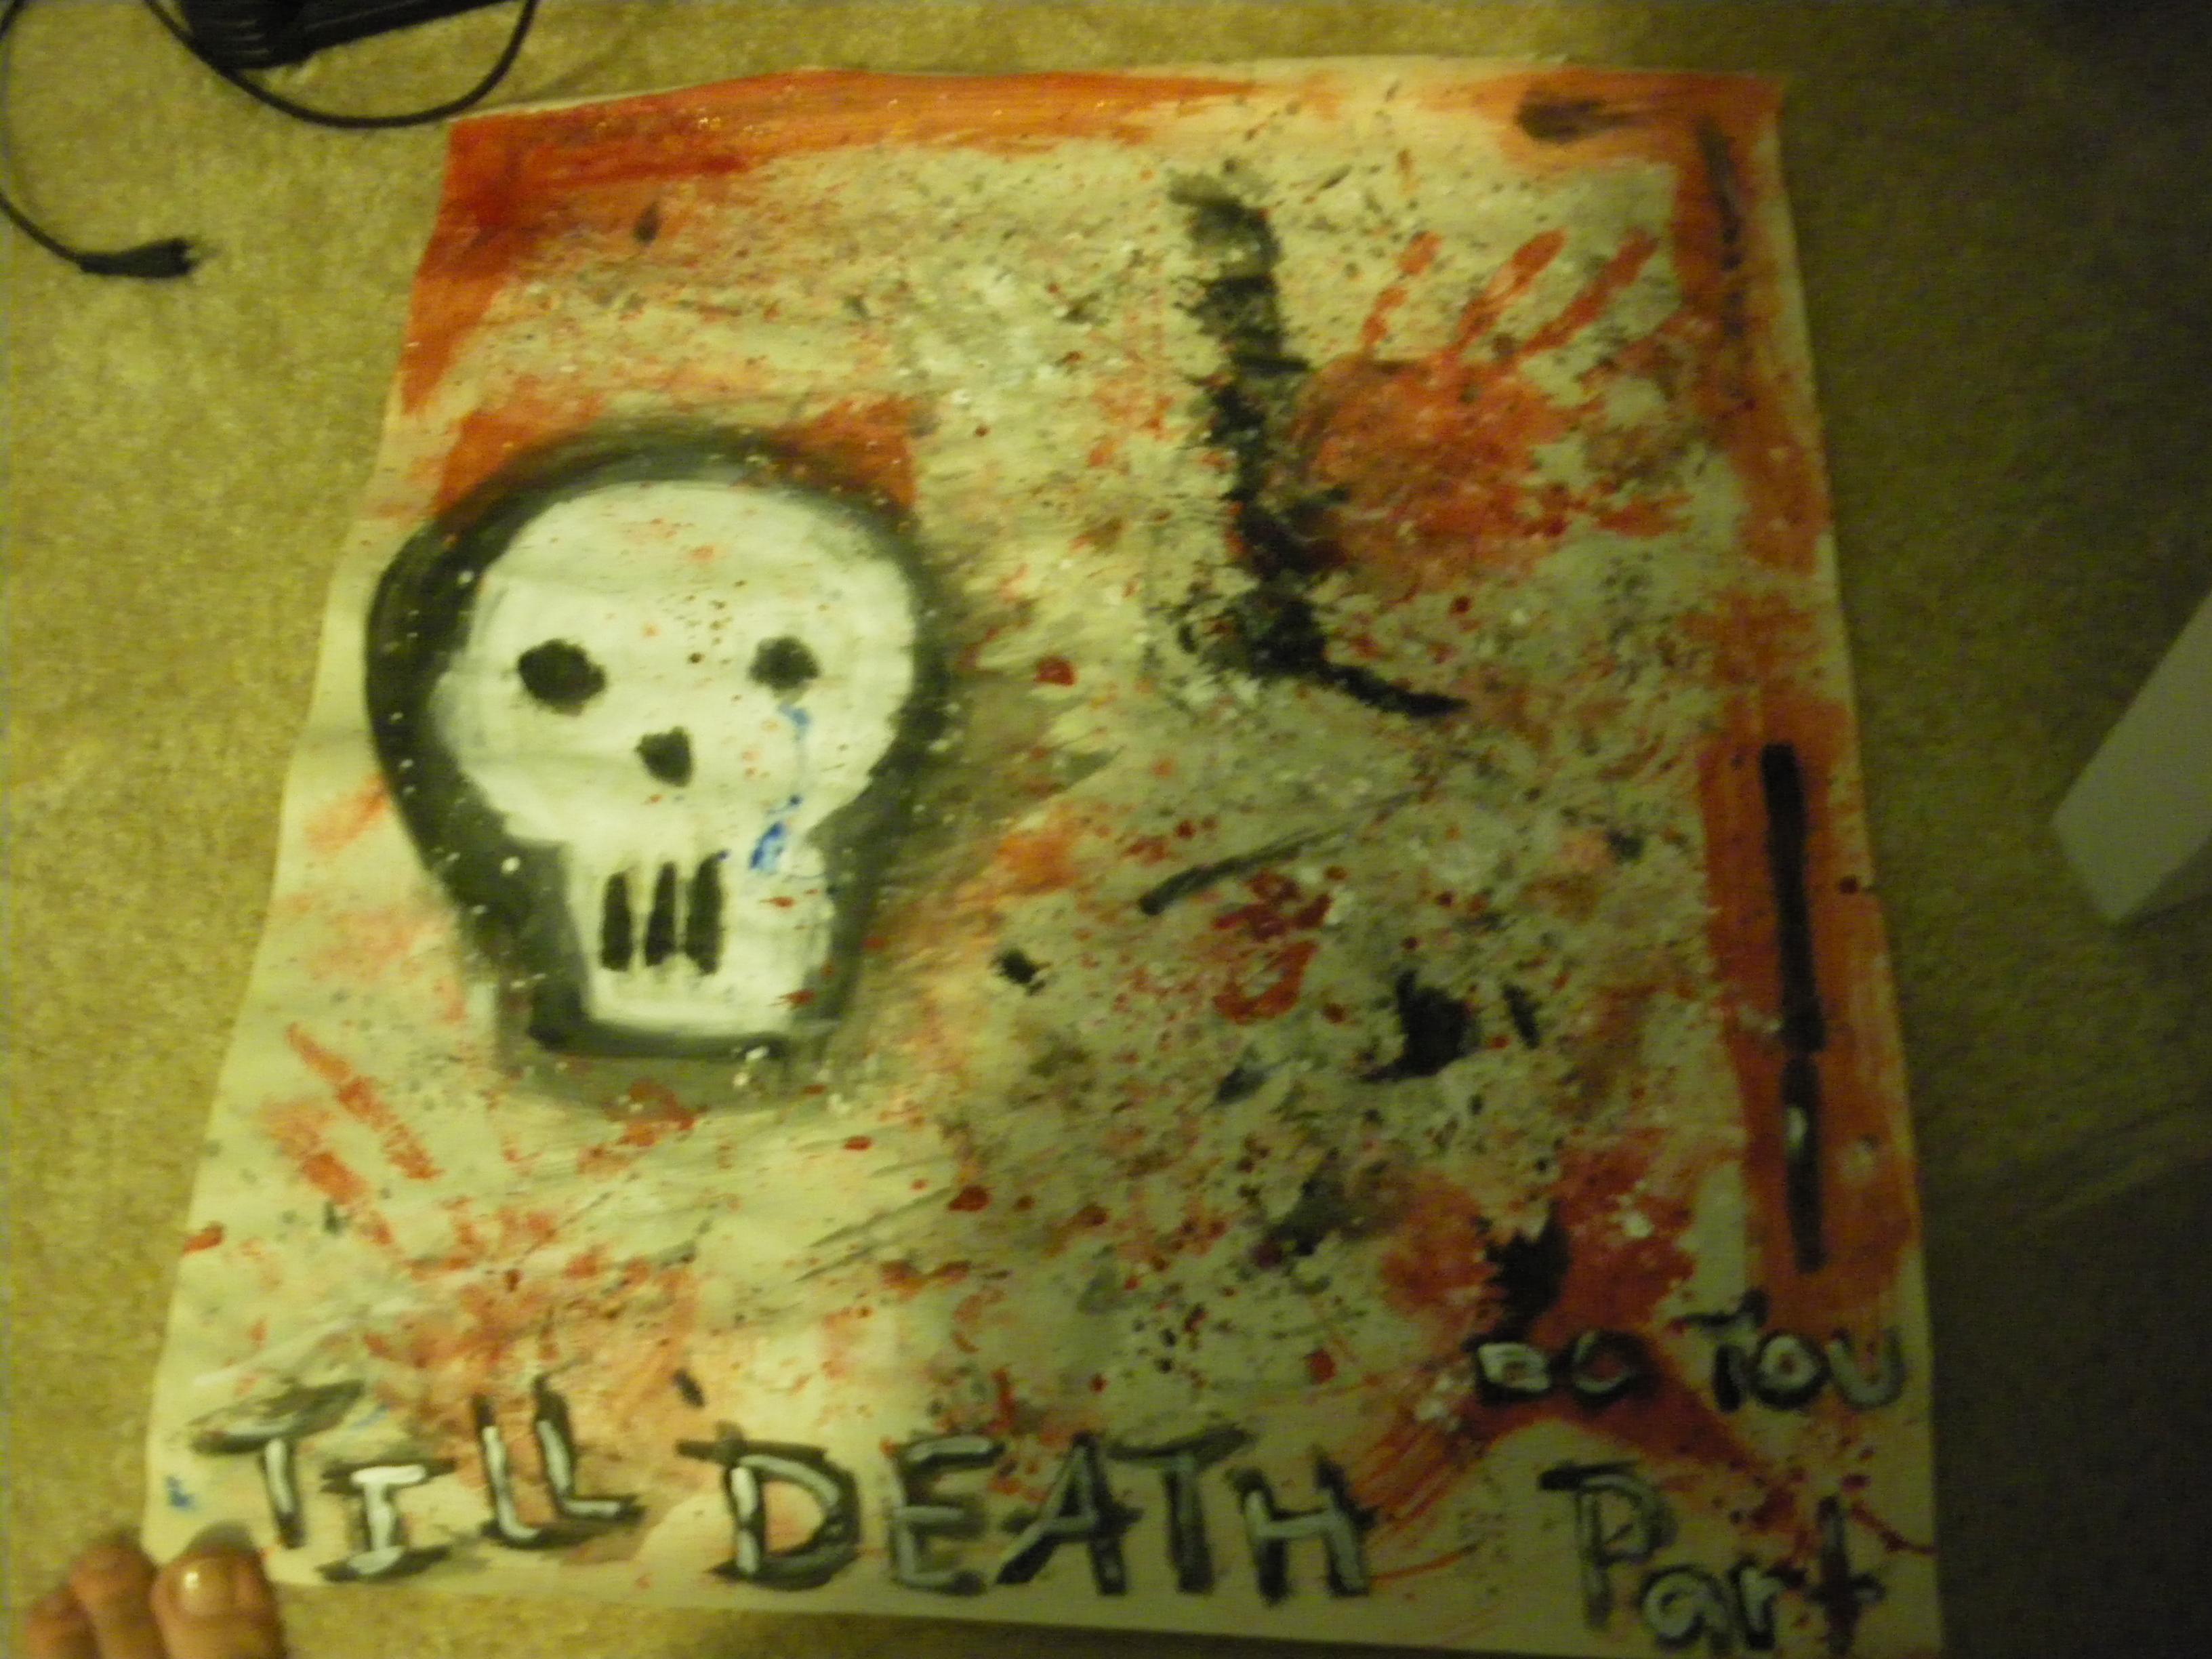 http://fc05.deviantart.net/fs71/f/2010/009/a/0/Skull_Splatter_Art_by_Rosieanime.jpg